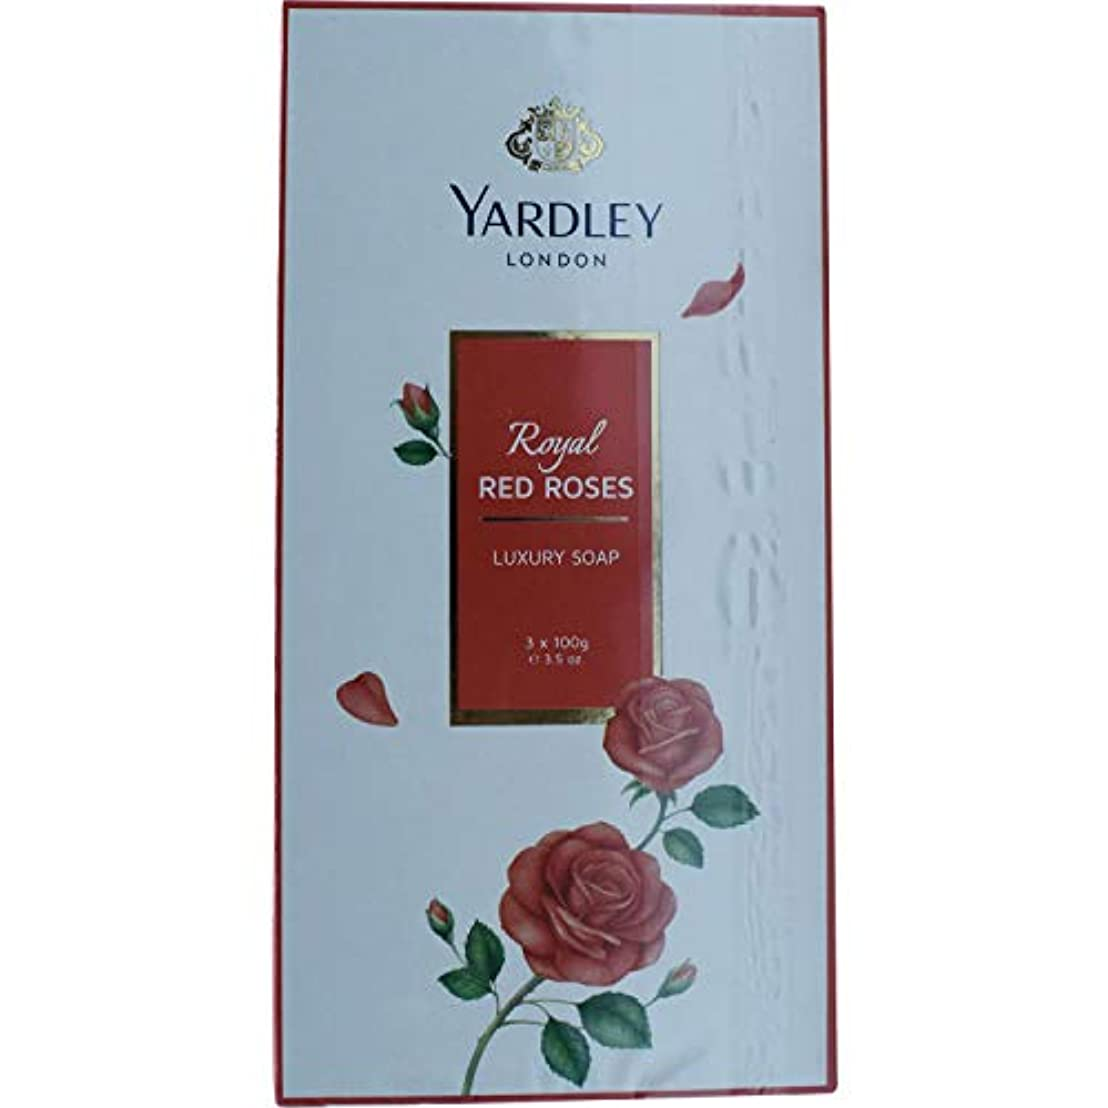 悪用背が高い整理するYardley 1ロンドン赤バラ、3 x net wt。100 g e 3.5oz